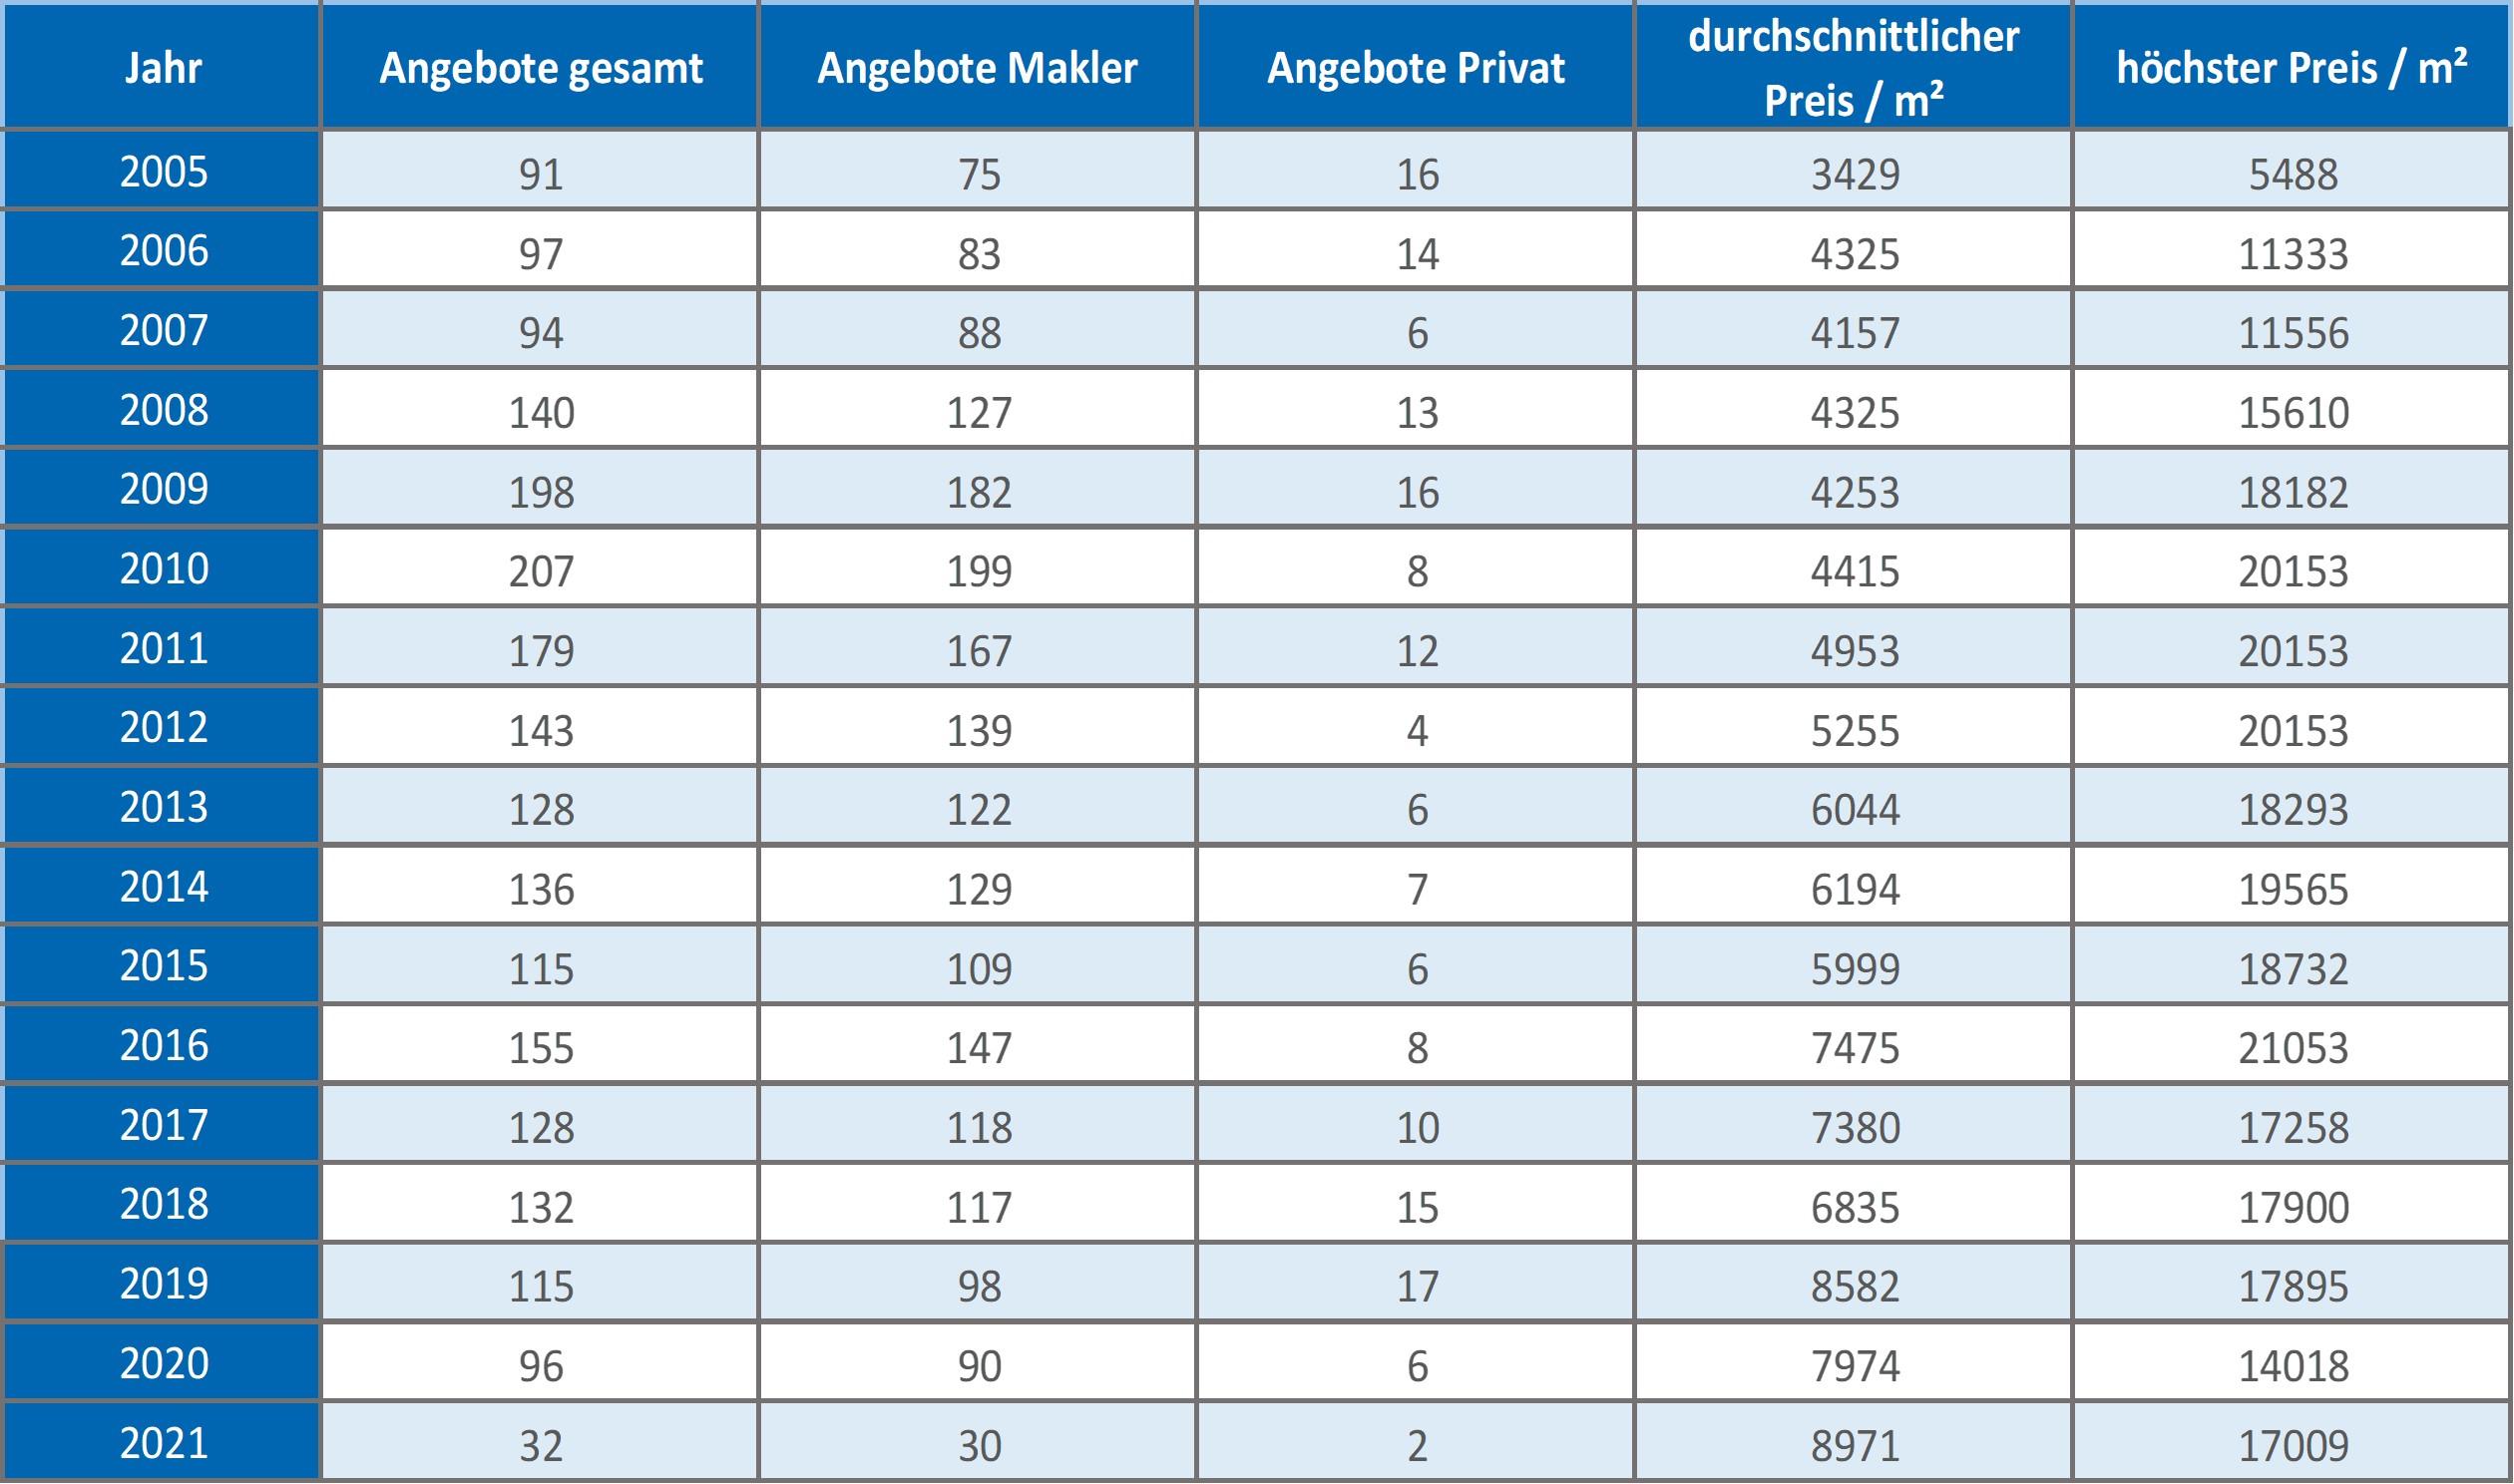 Berg-Haus-kaufen-verkaufen-Makler 2019, 2020, 2021